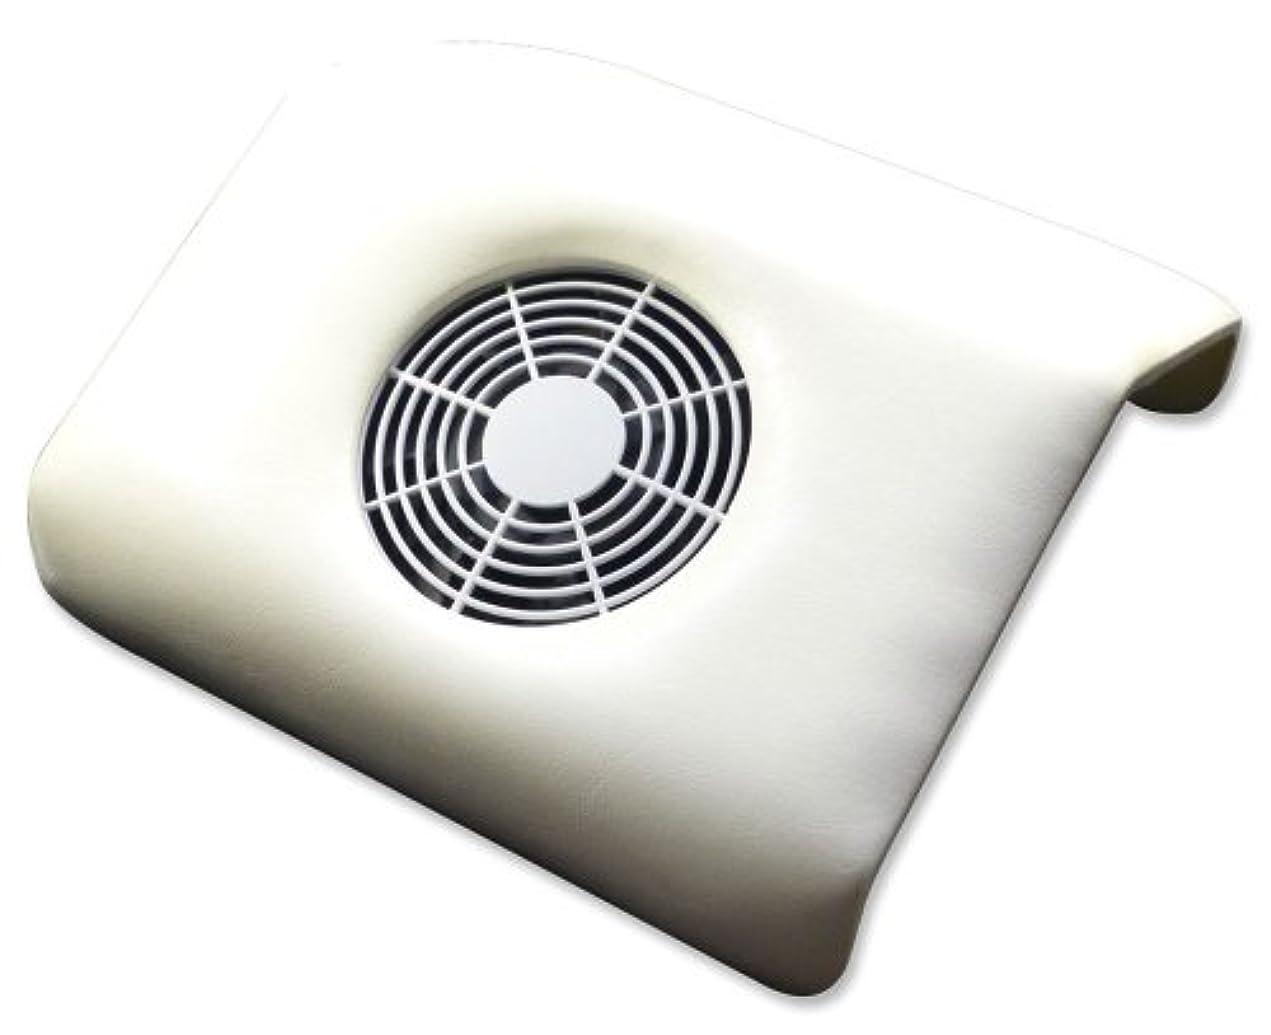 五月魂在庫ビューティーネイラー ジェルネイル ネイルダストコレクター ラージ DCL-W ホワイト